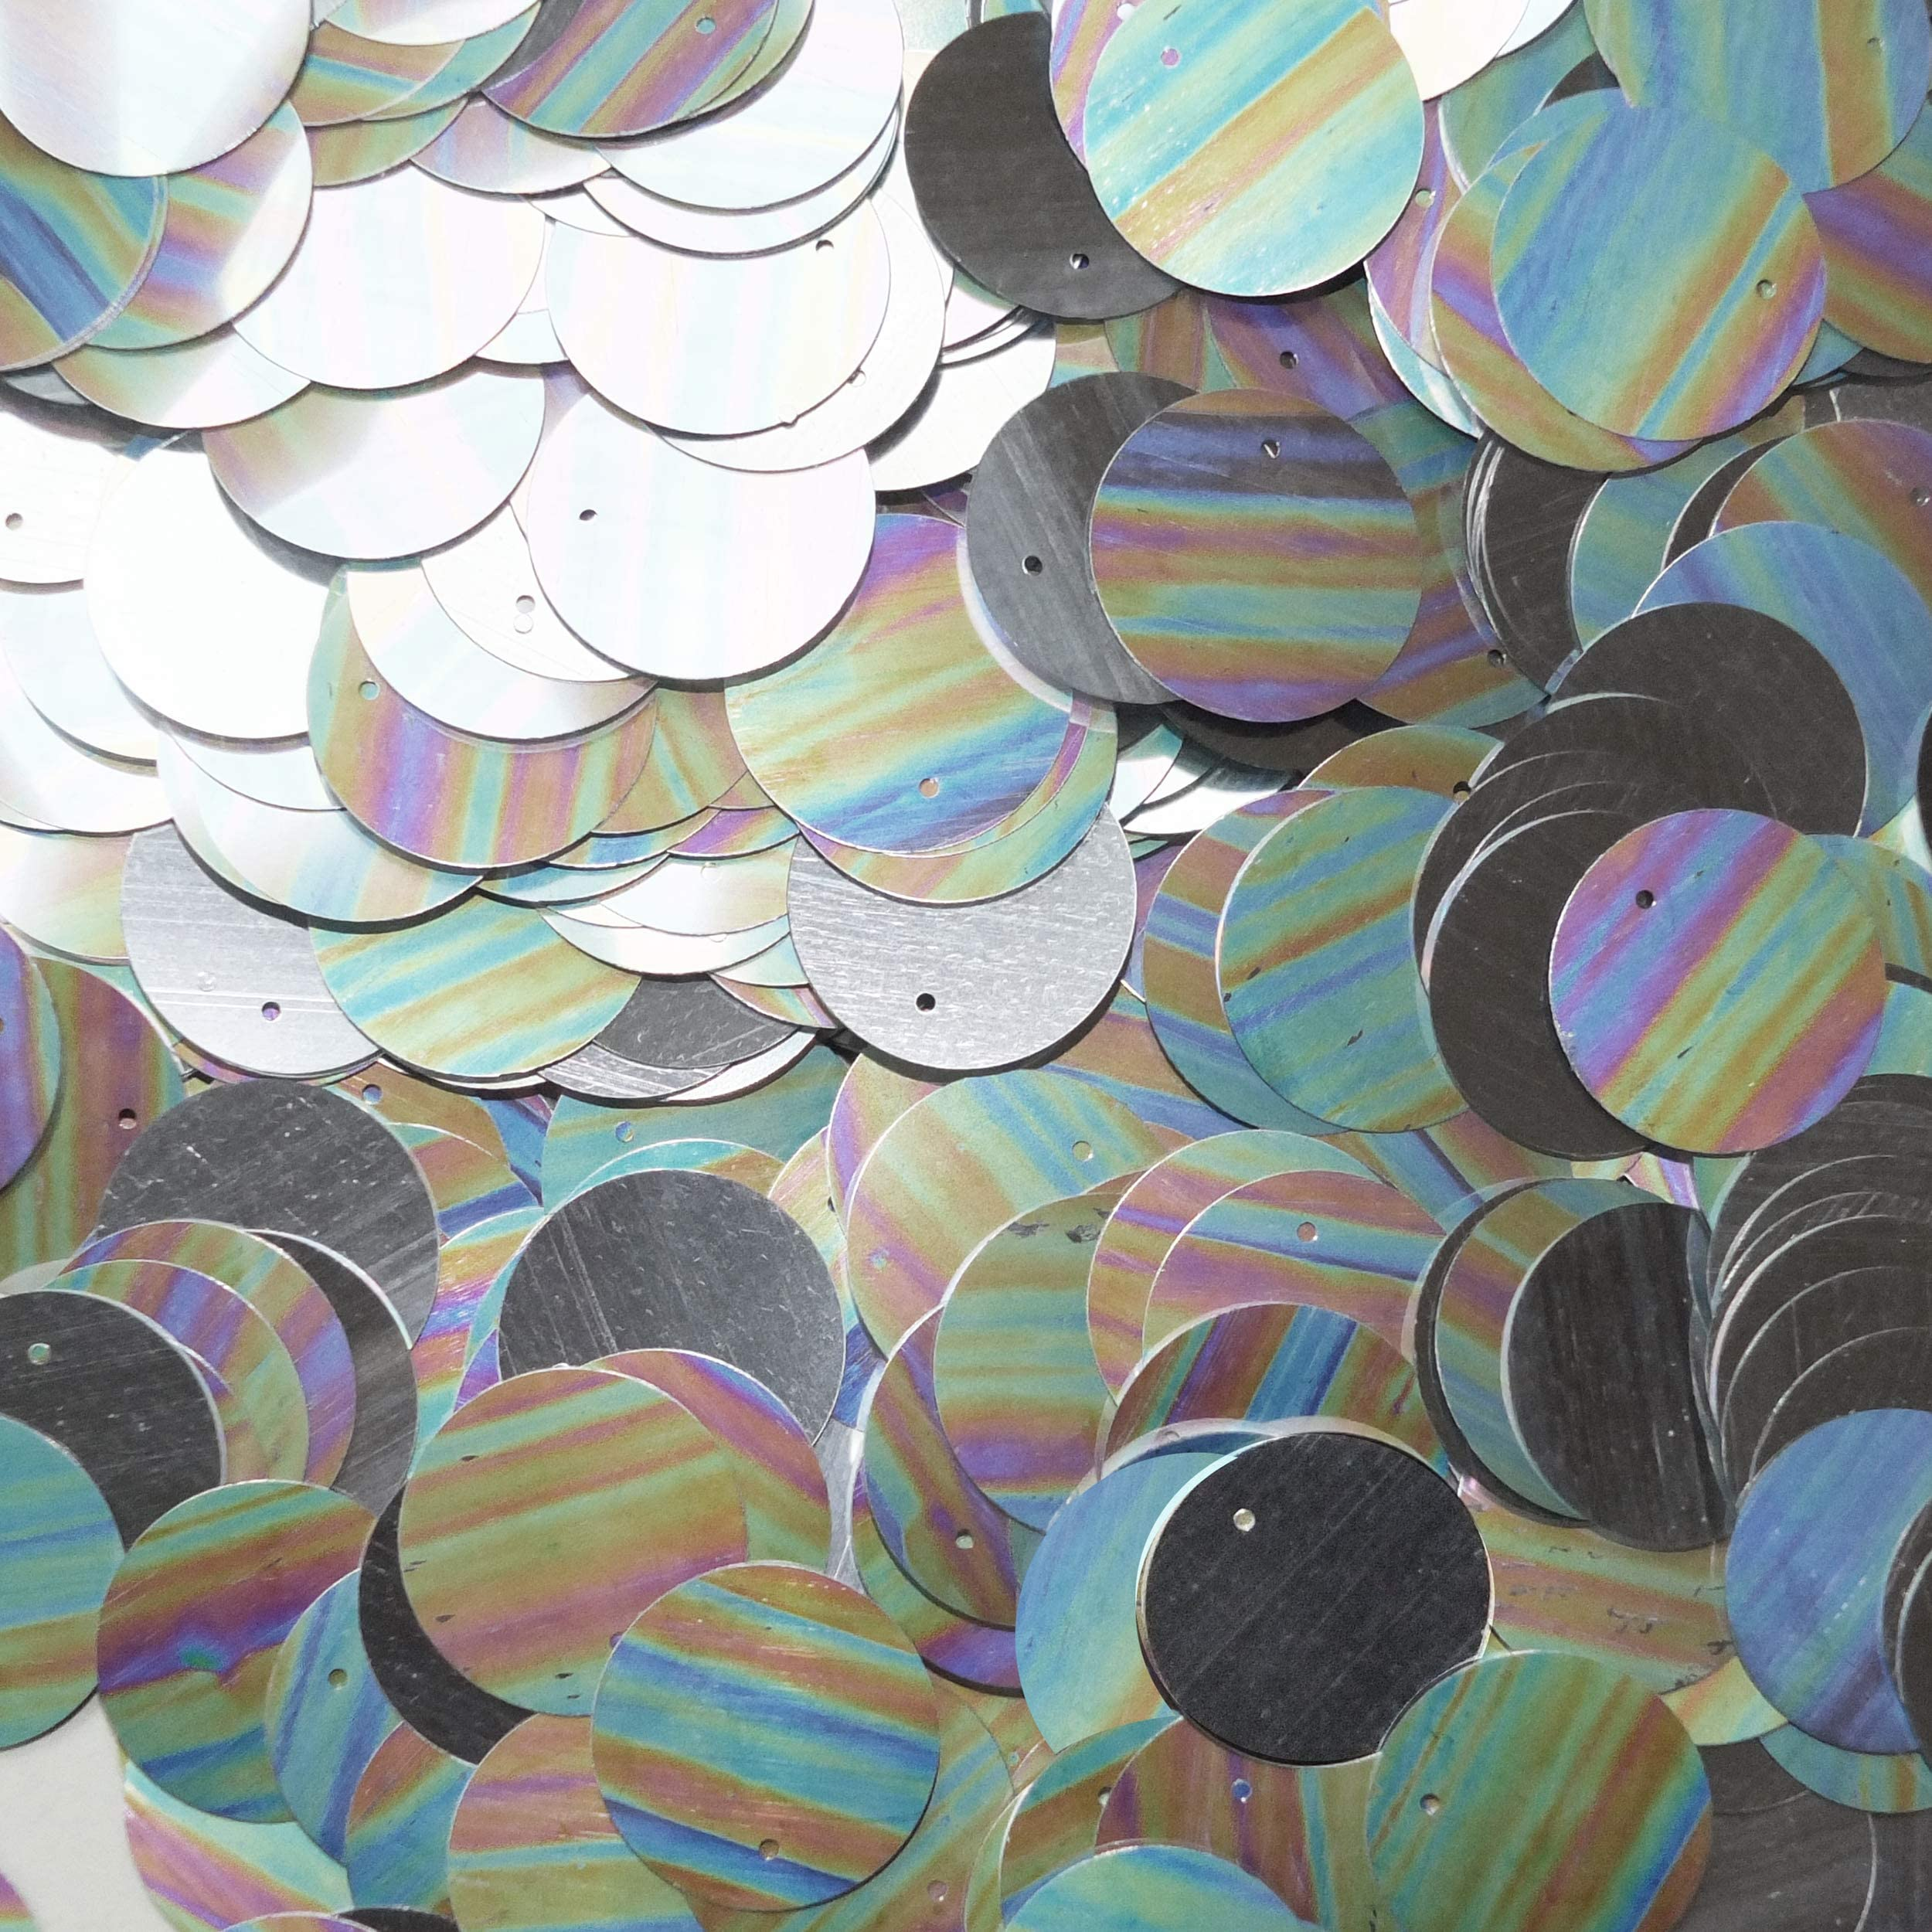 White Iris 20mm Paillettes Sequins Flat Top Hole 100 pieces Loose